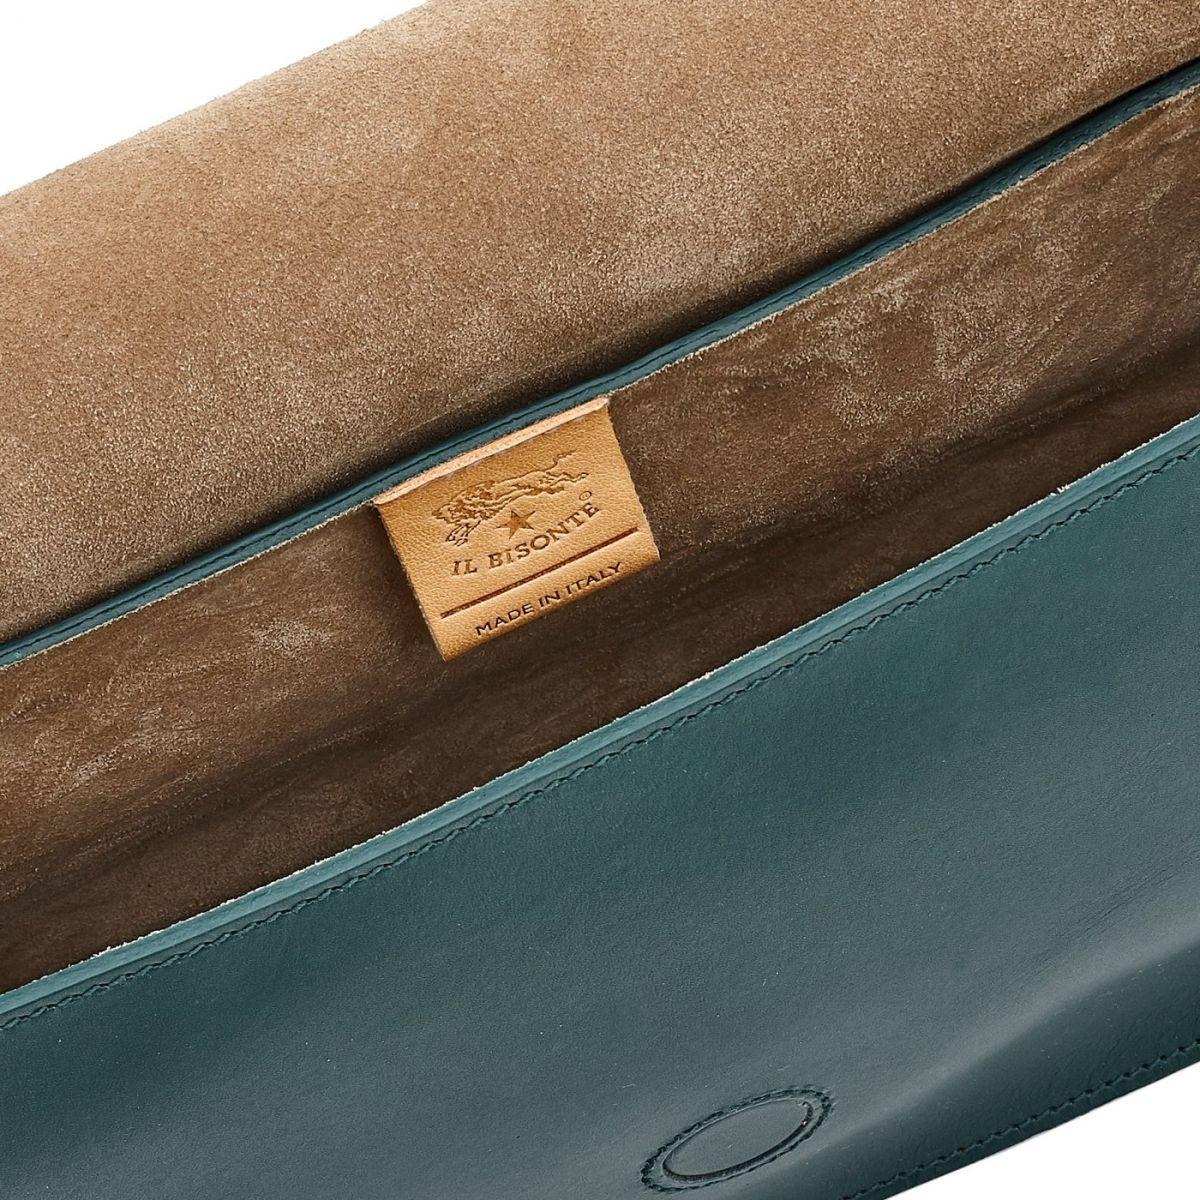 Sac Epaule pour Femme Consuelo en Cuir De Vachette BSH080 couleur Romarin | Details